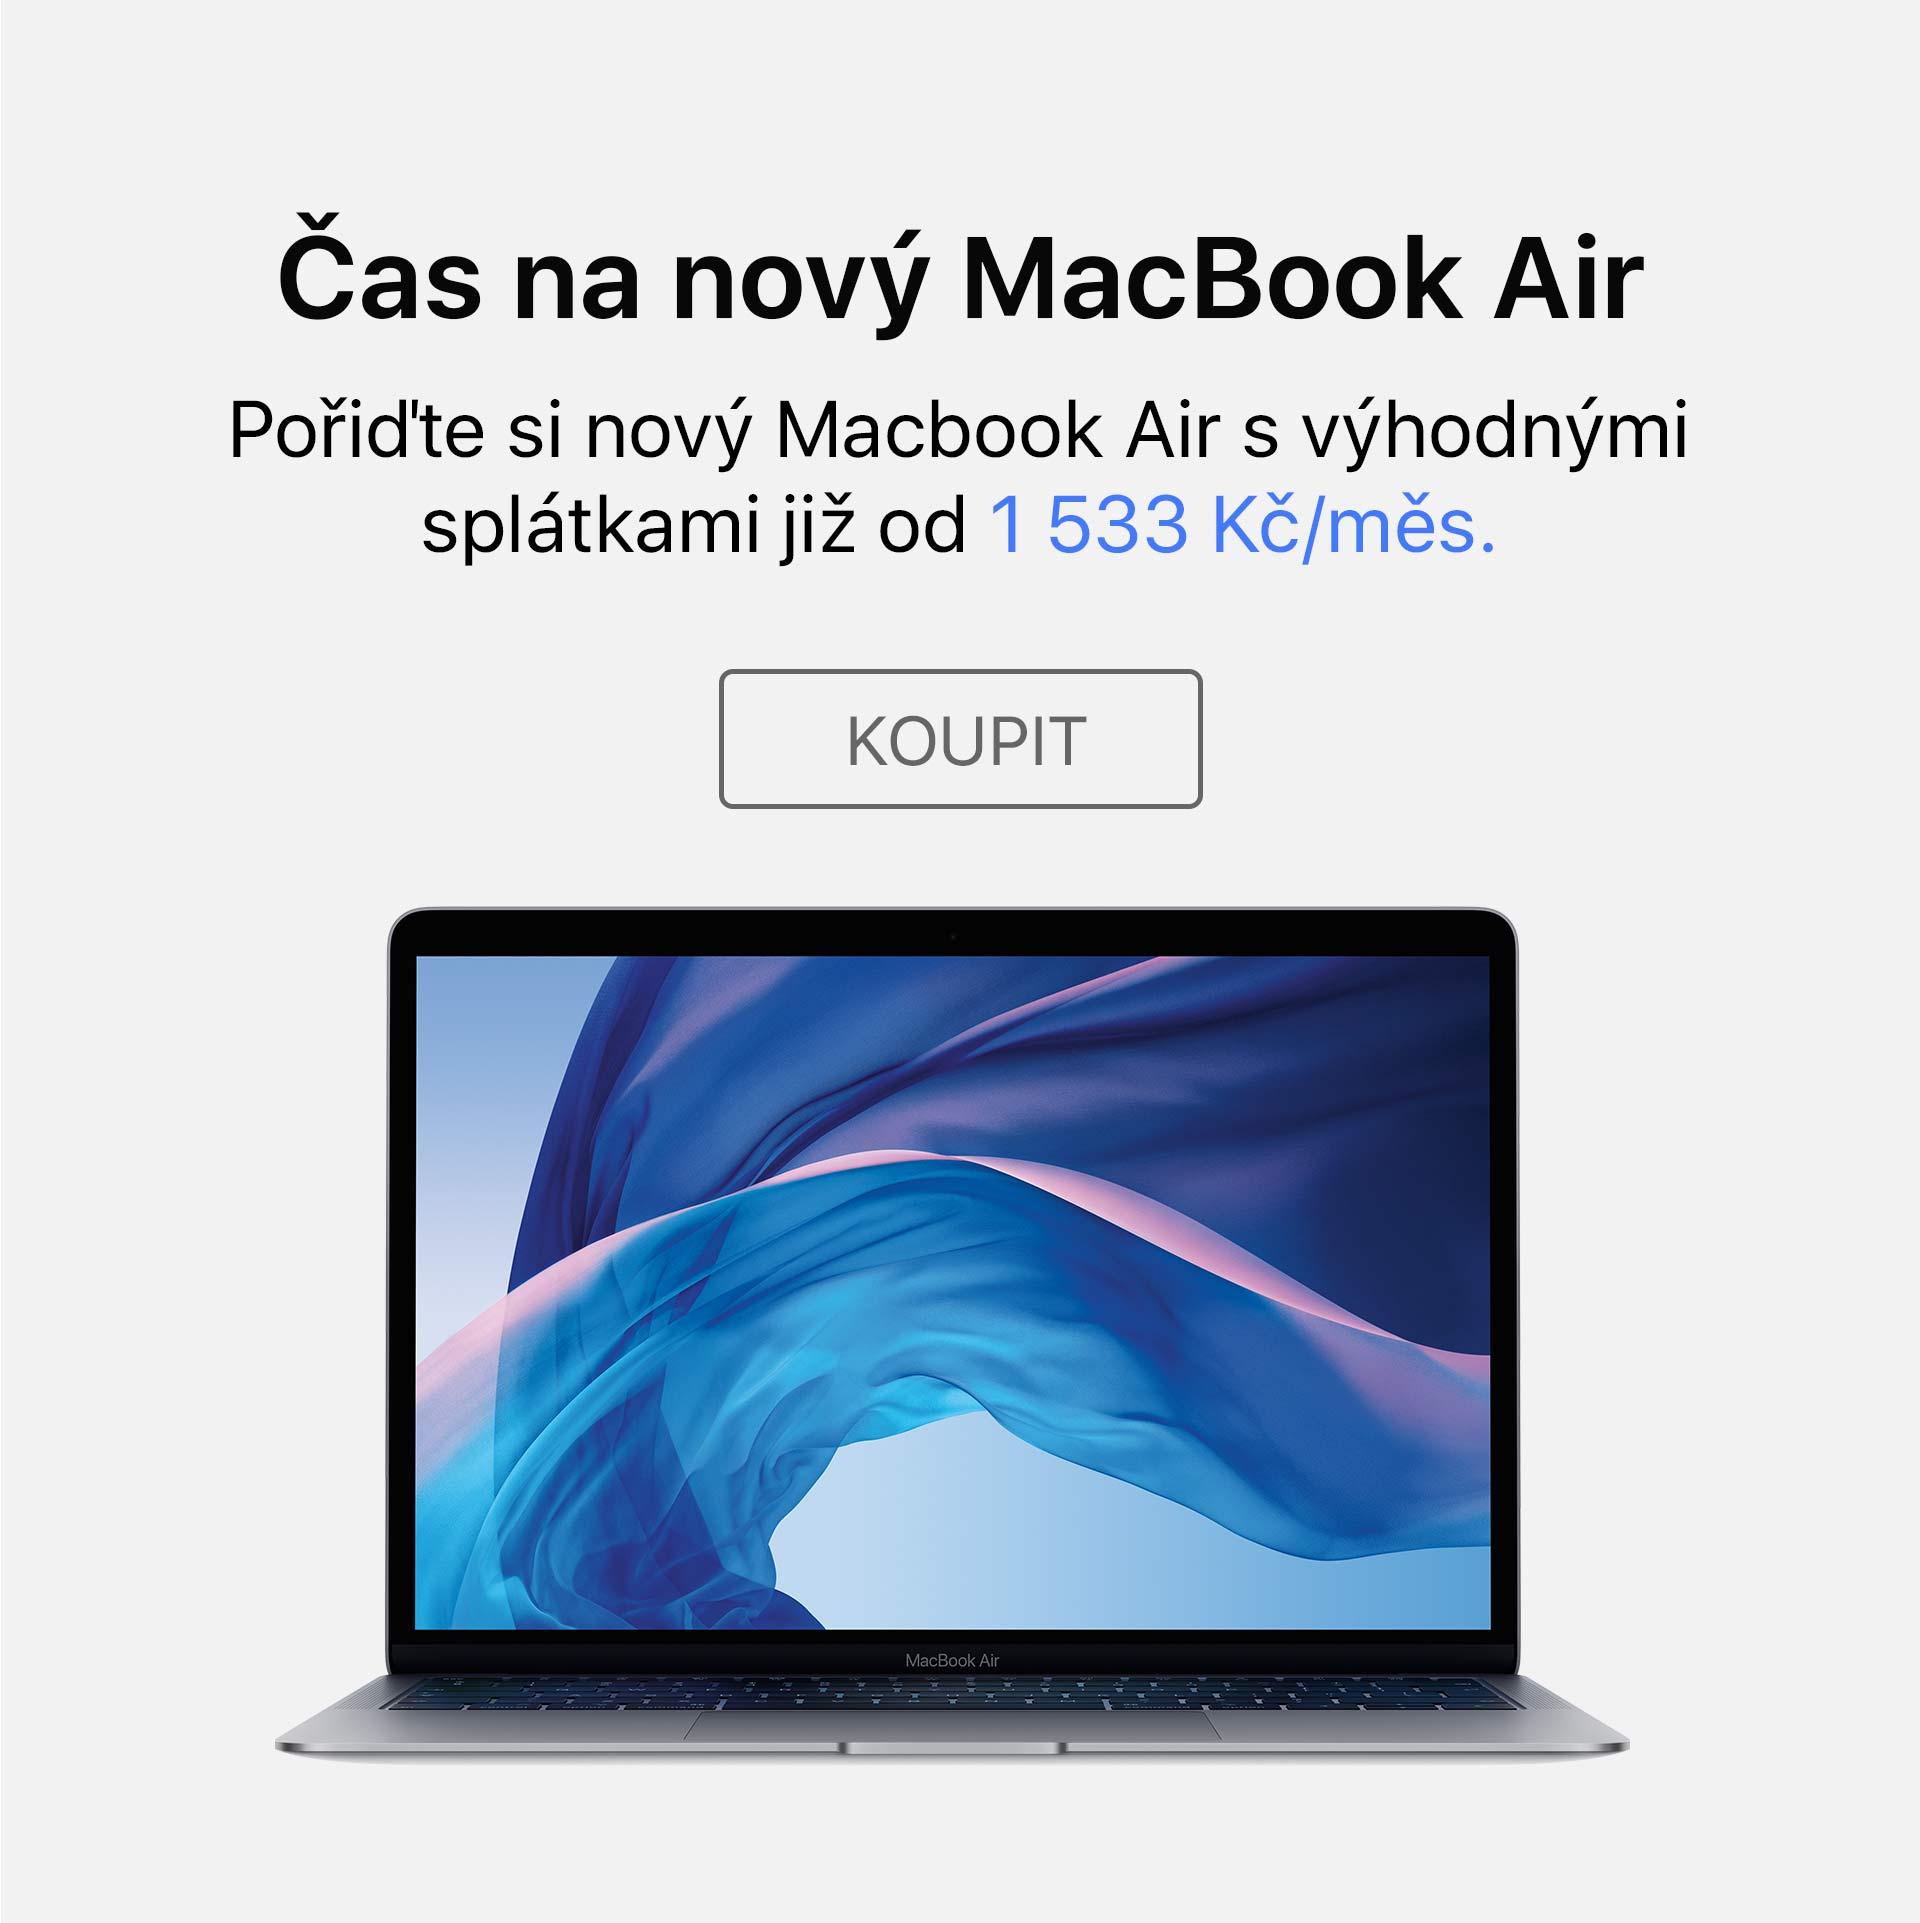 MacBook Air splátky